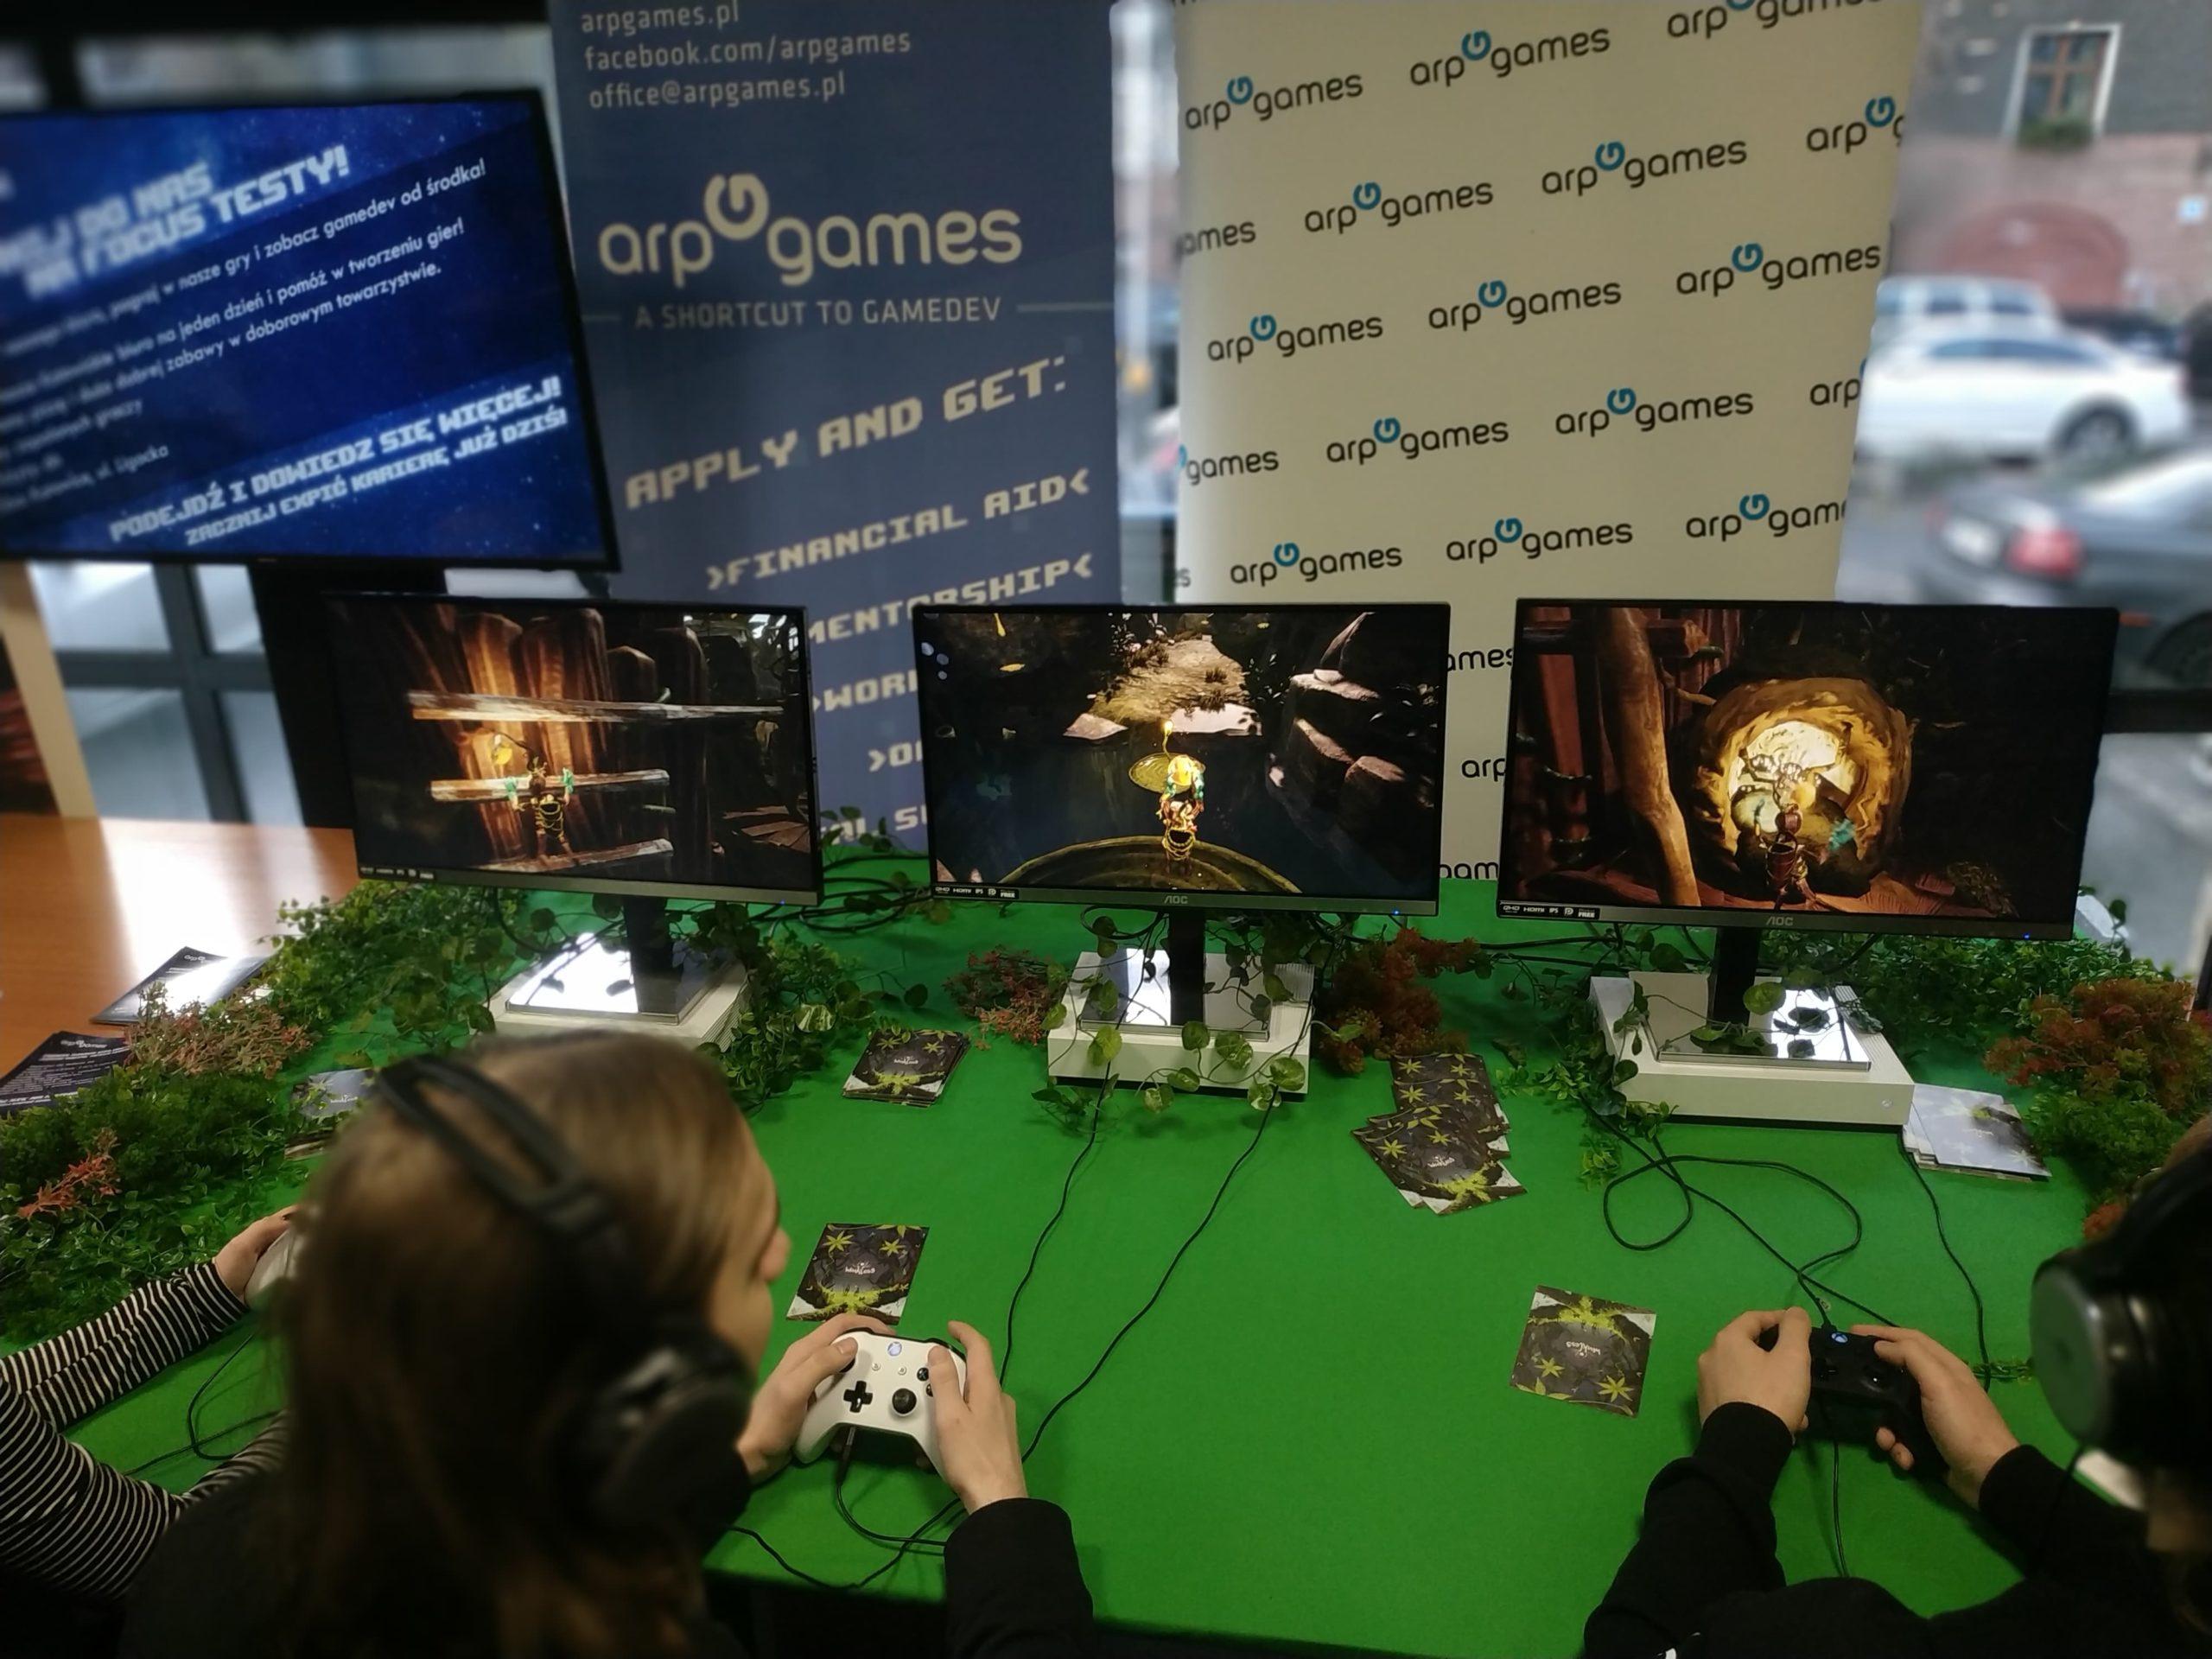 Gra Weakless już dostępna  na platformie Xbox One